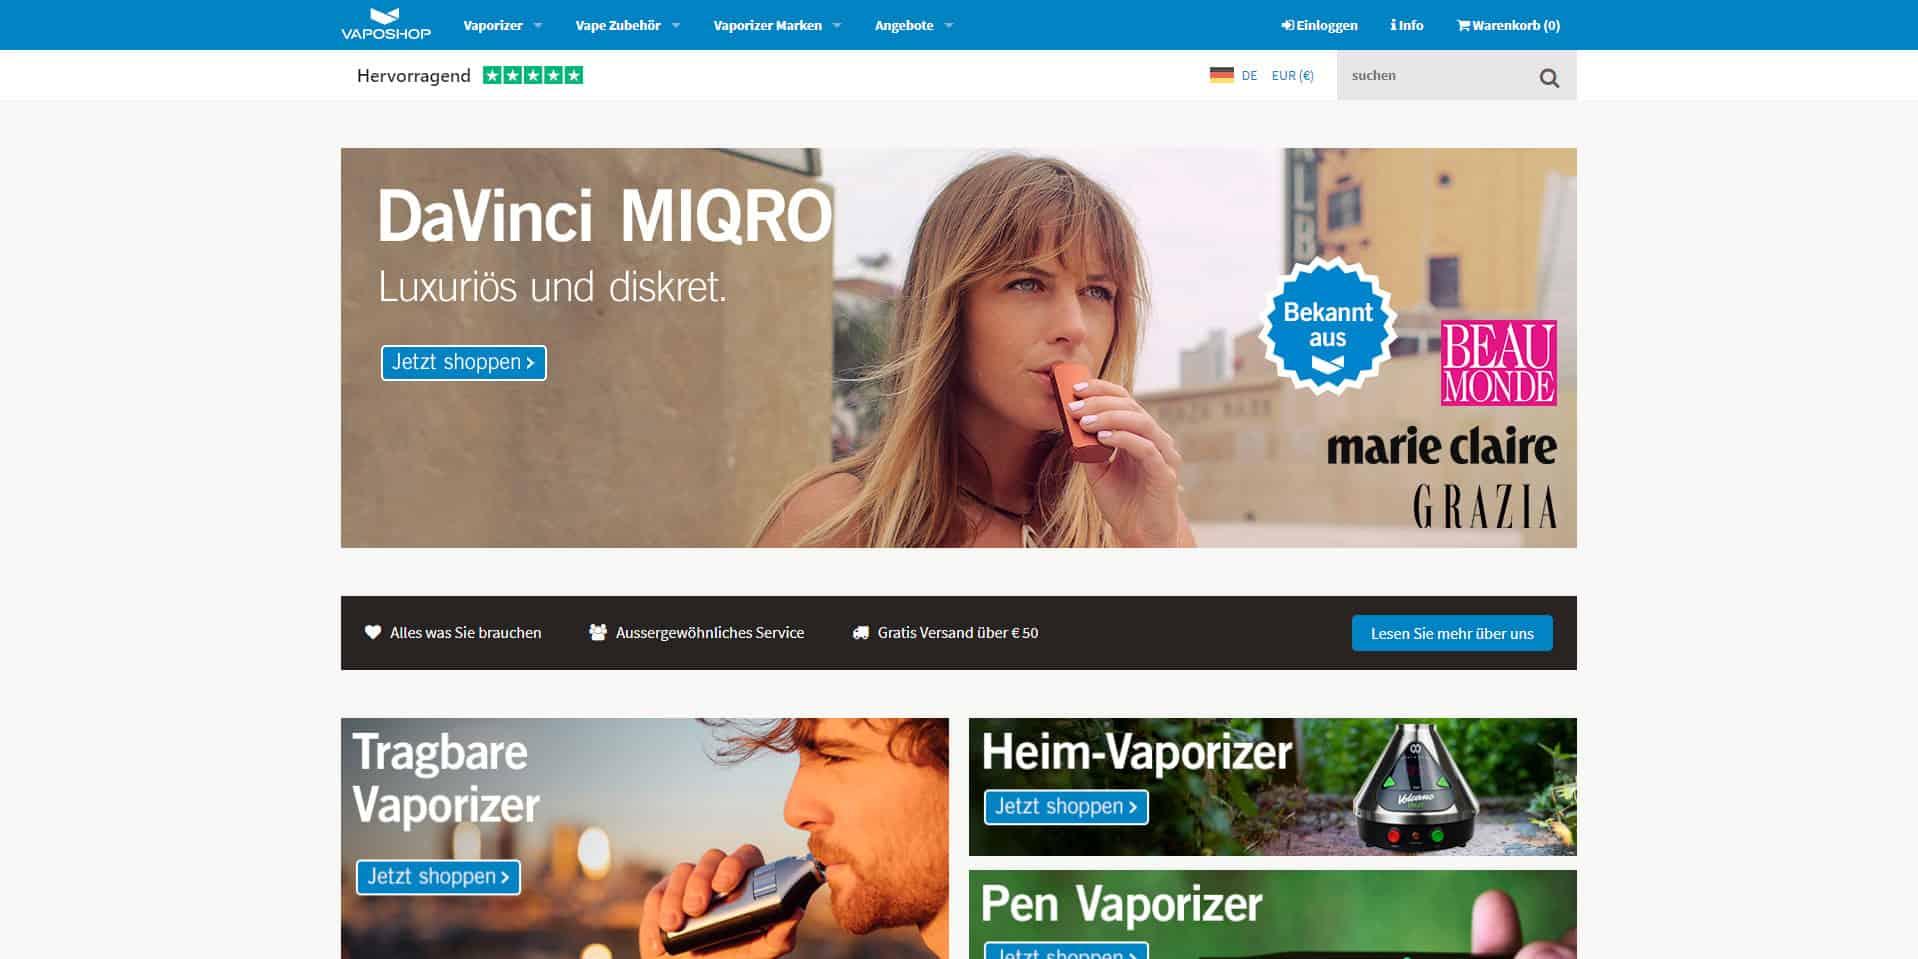 Vaposhop.de Vaporizer Online Shop